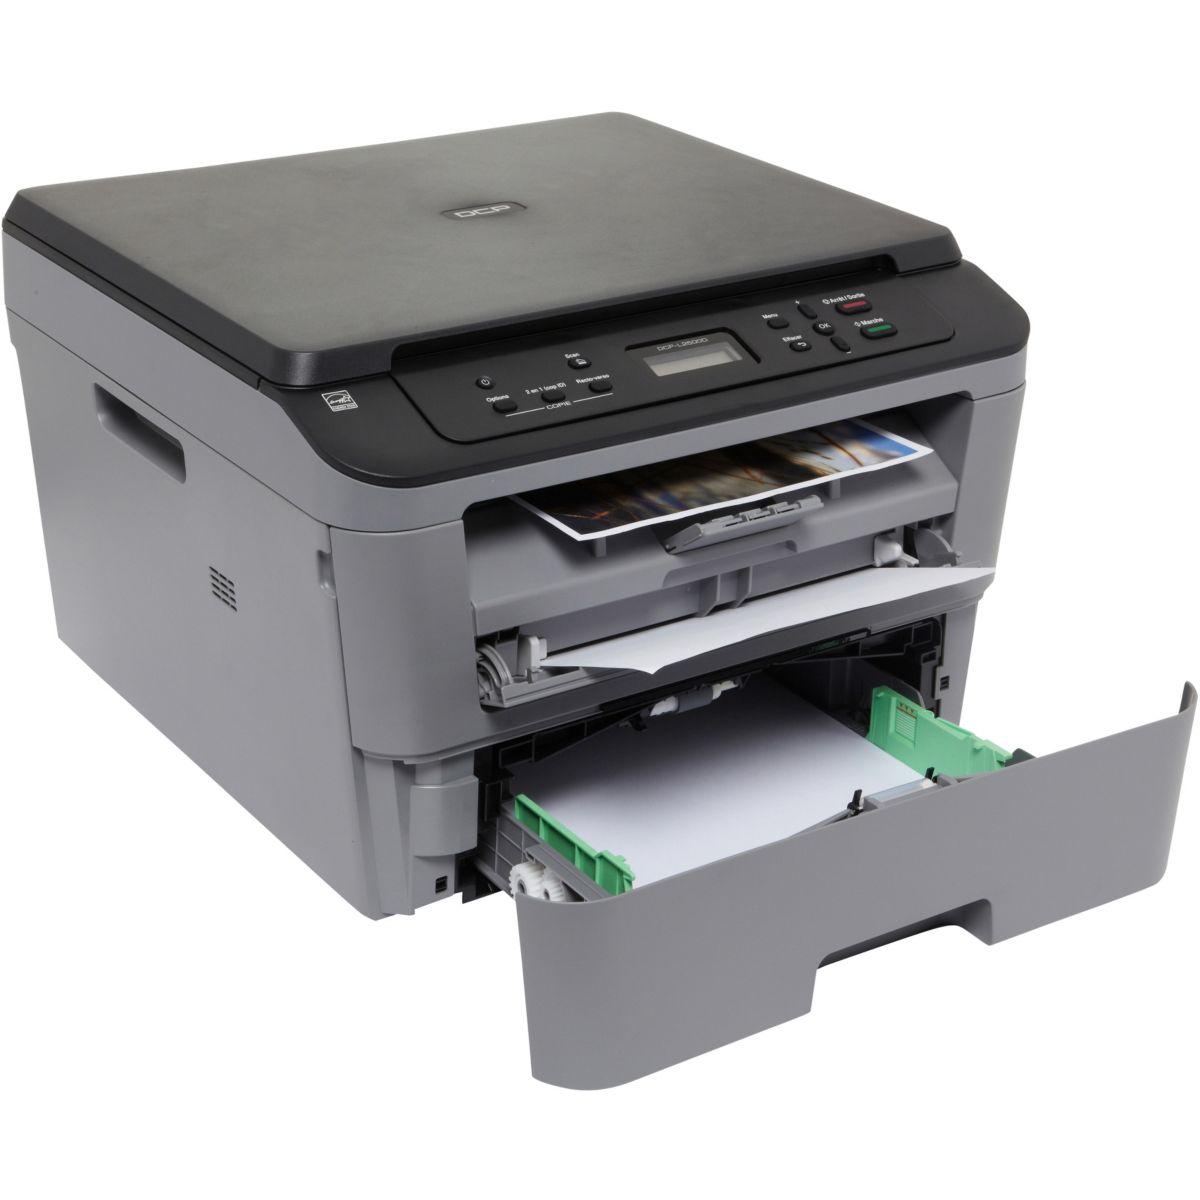 Imprimante multifonction laser monochrome BROTHER DCP-L2500D (photo)